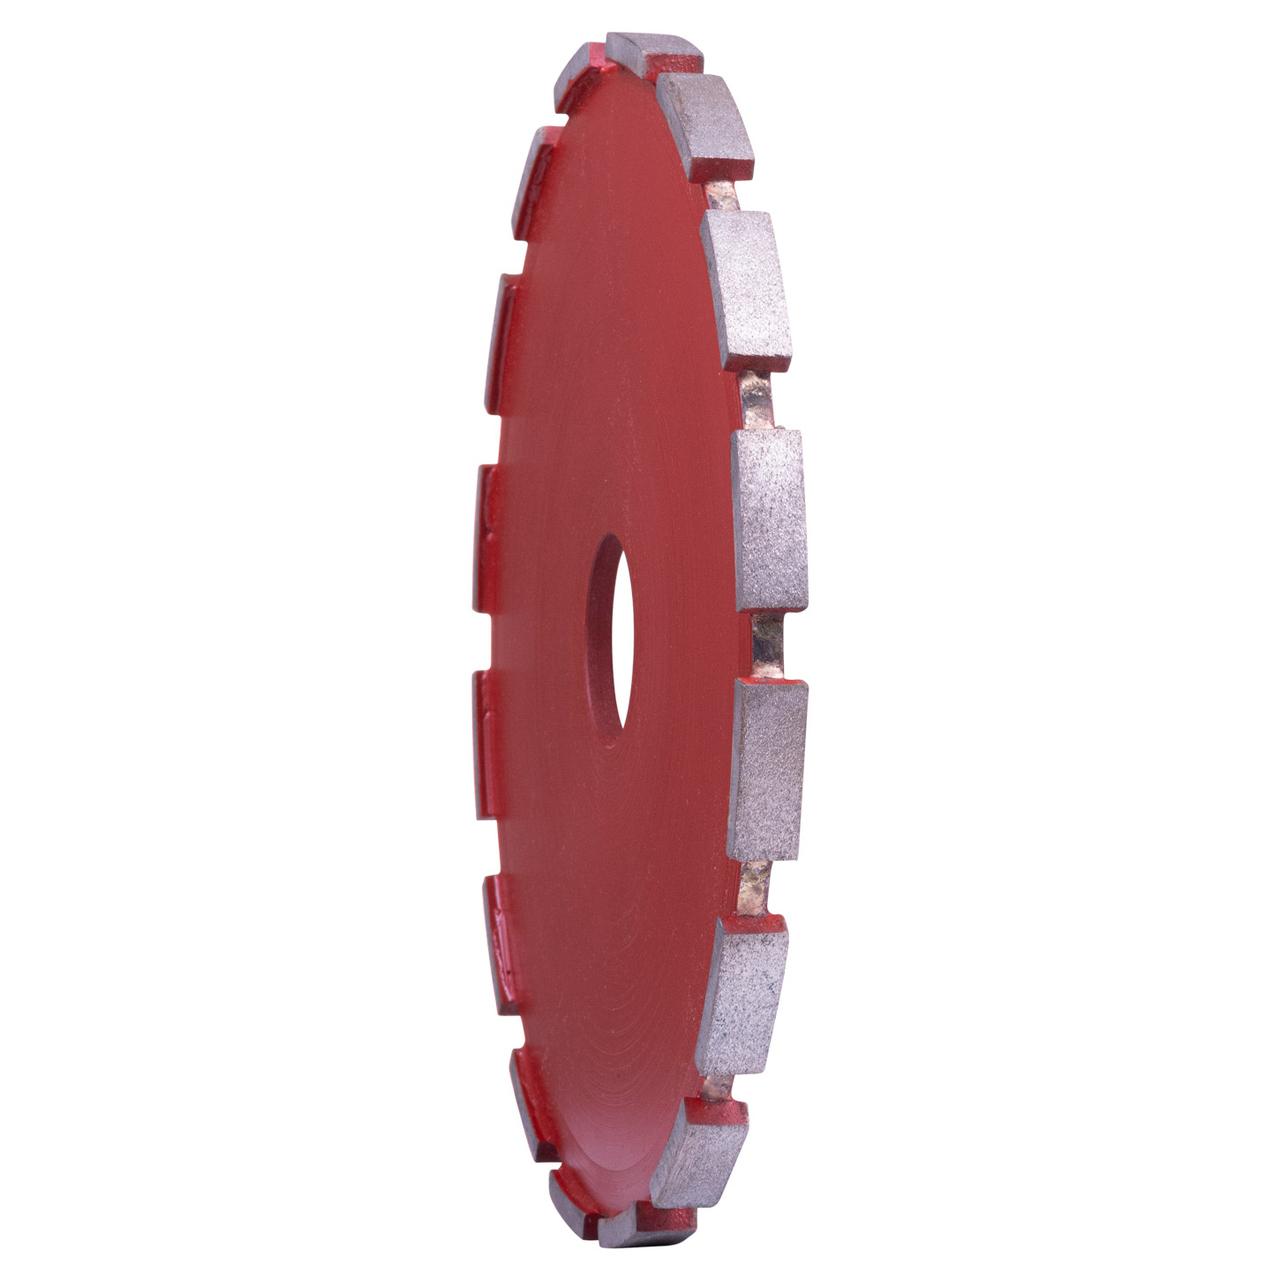 Fresa Diamantada para rebaixo 275mmx15mm